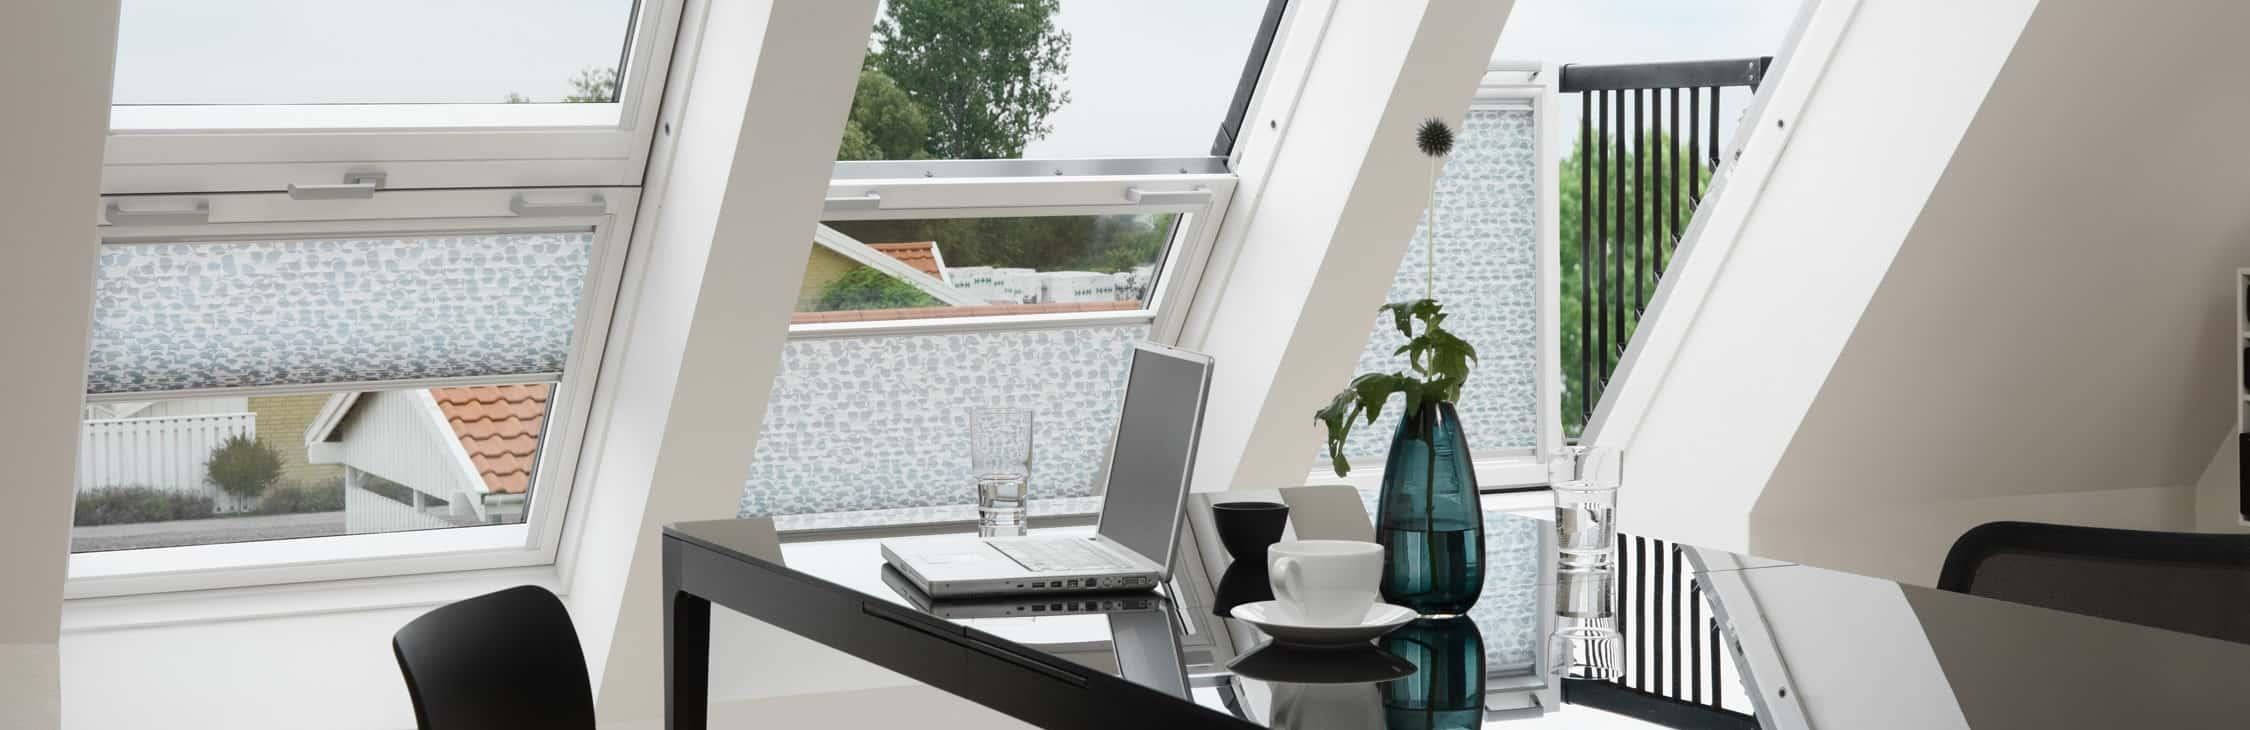 Dachfenster balkon cabrio interieur - weitsicht.info